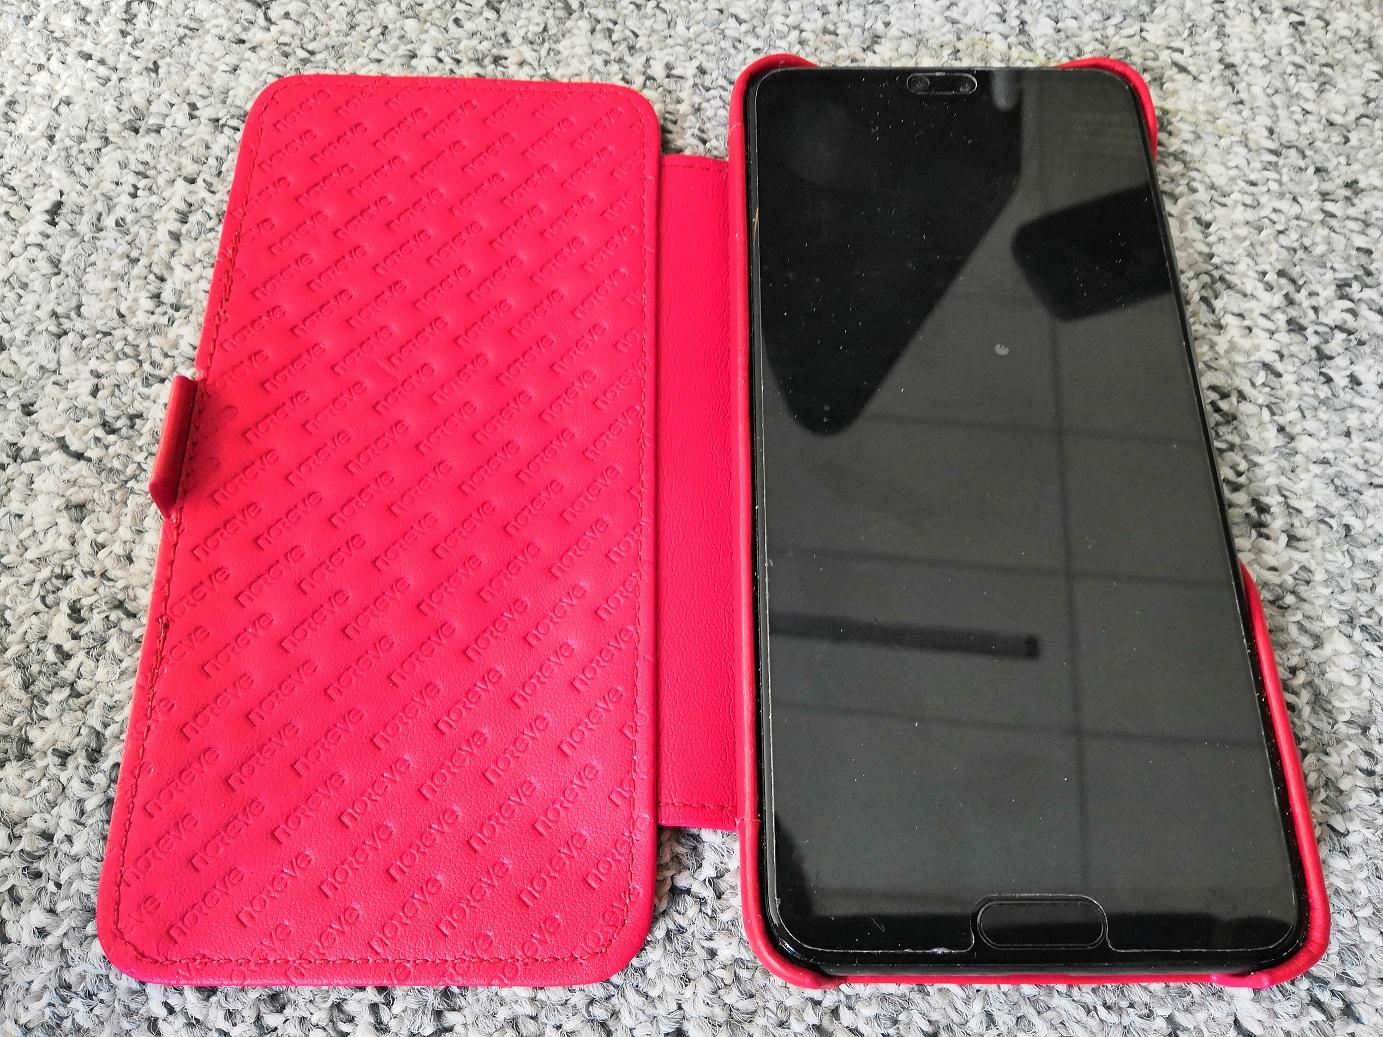 Coque Noreve - [ TEST ] Noreve propose de sublimes coques pour le Huawei P20 Pro